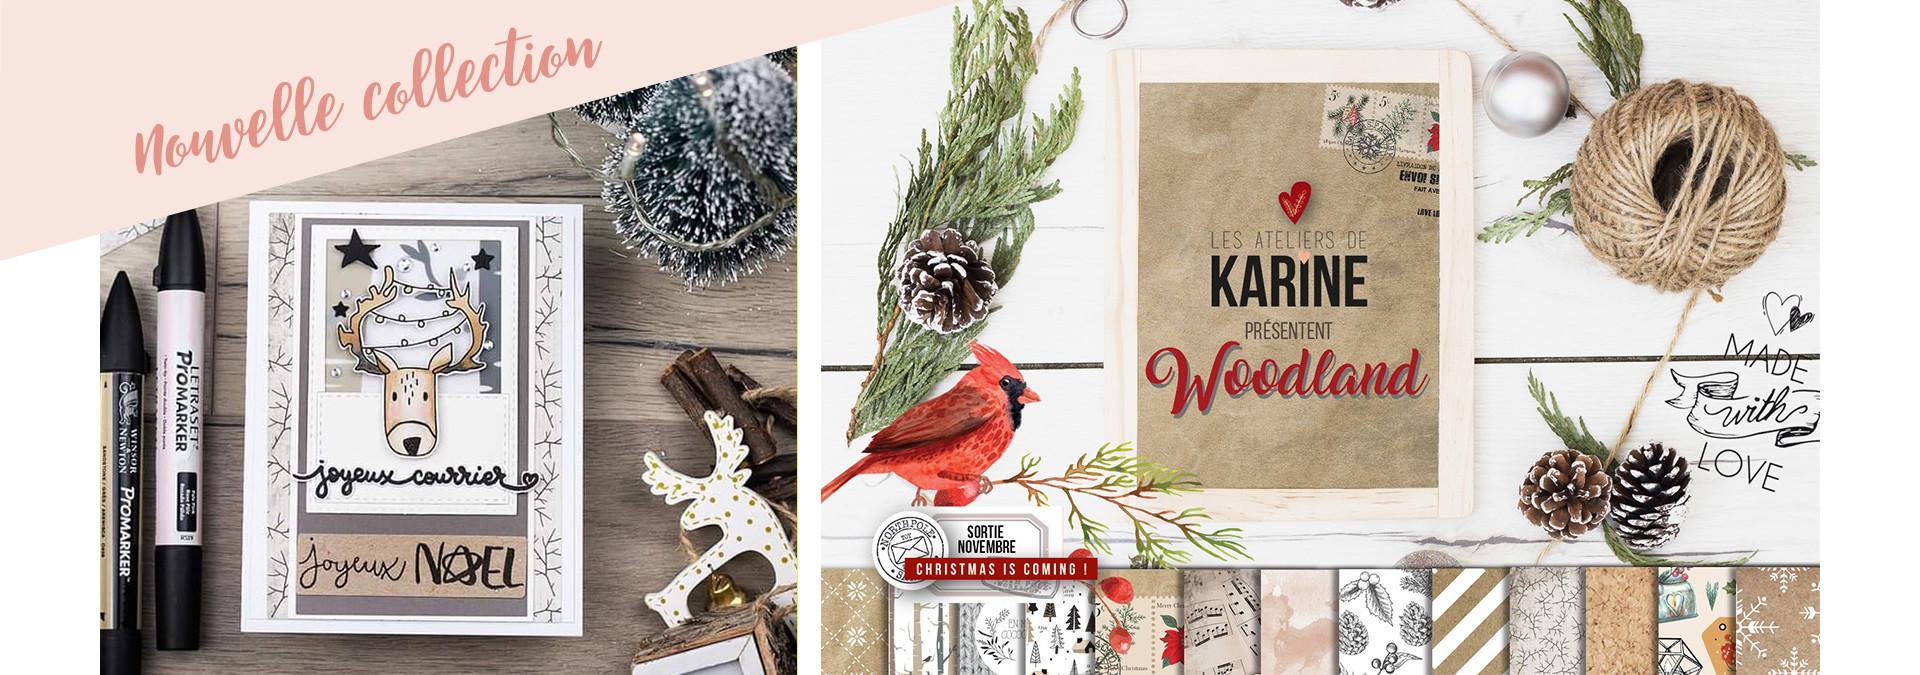 Nouvelle collection Woodland Les ateliers de Karine